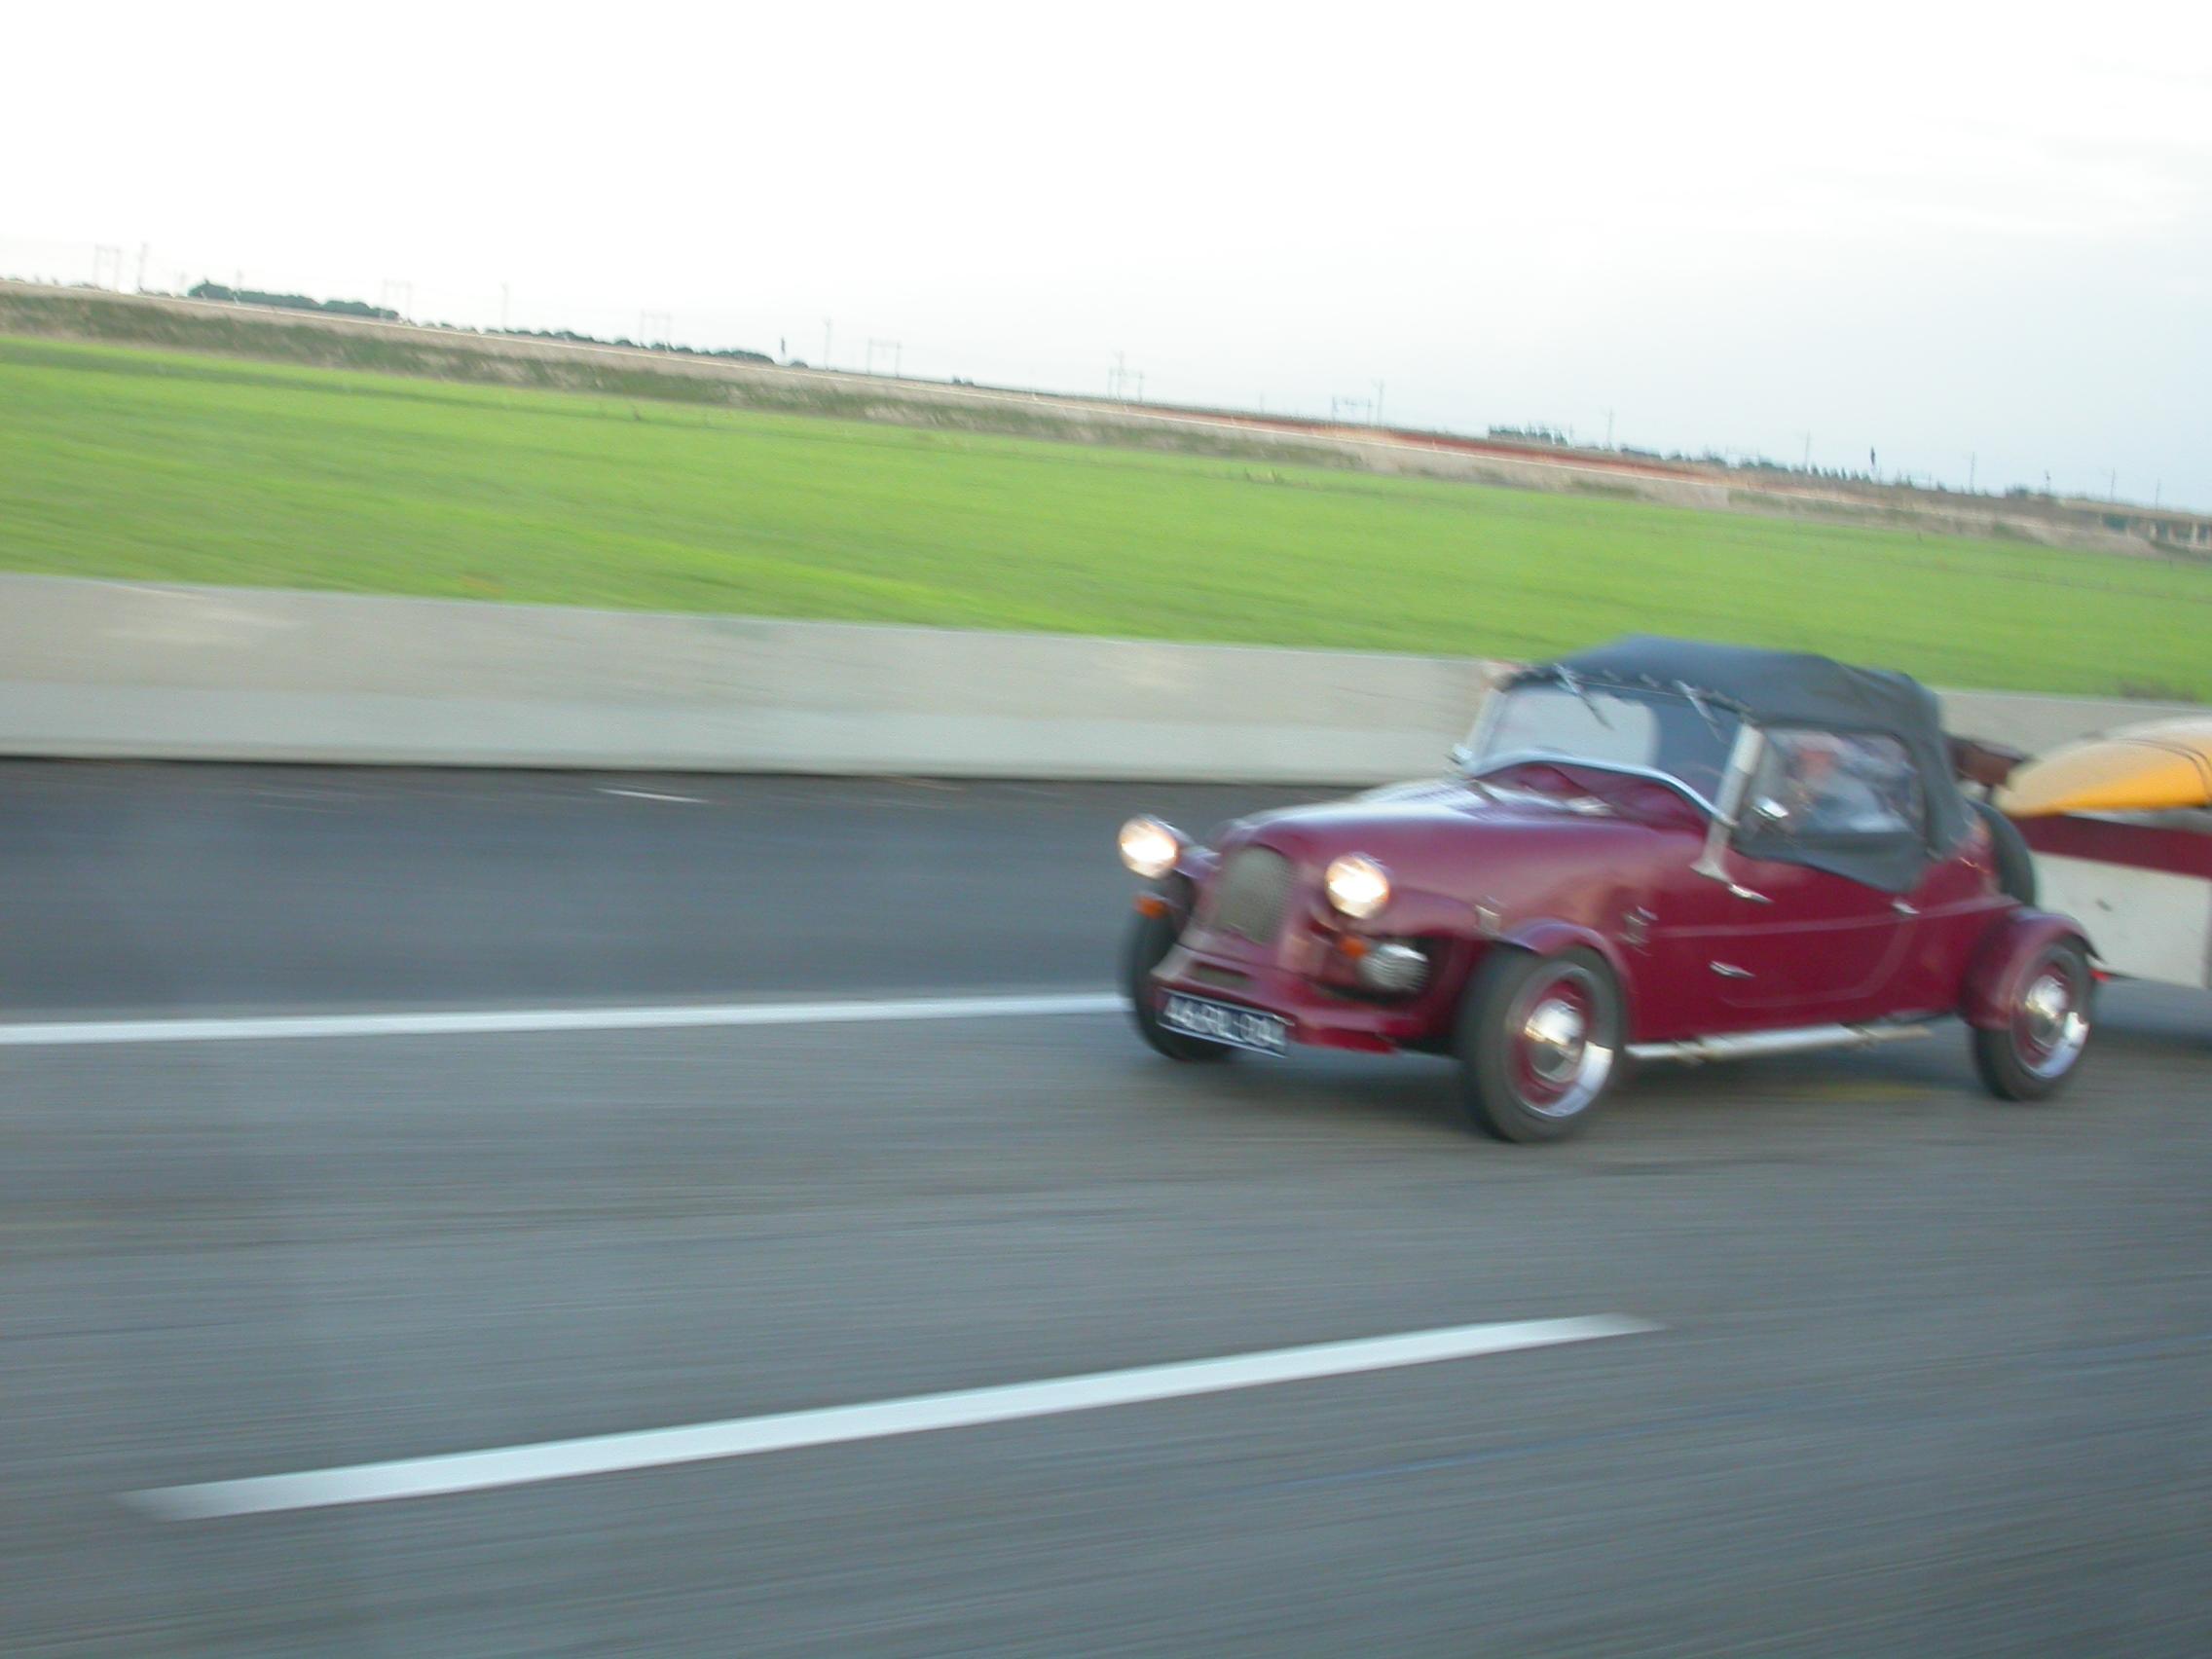 paul car speed road highway motorway red fast